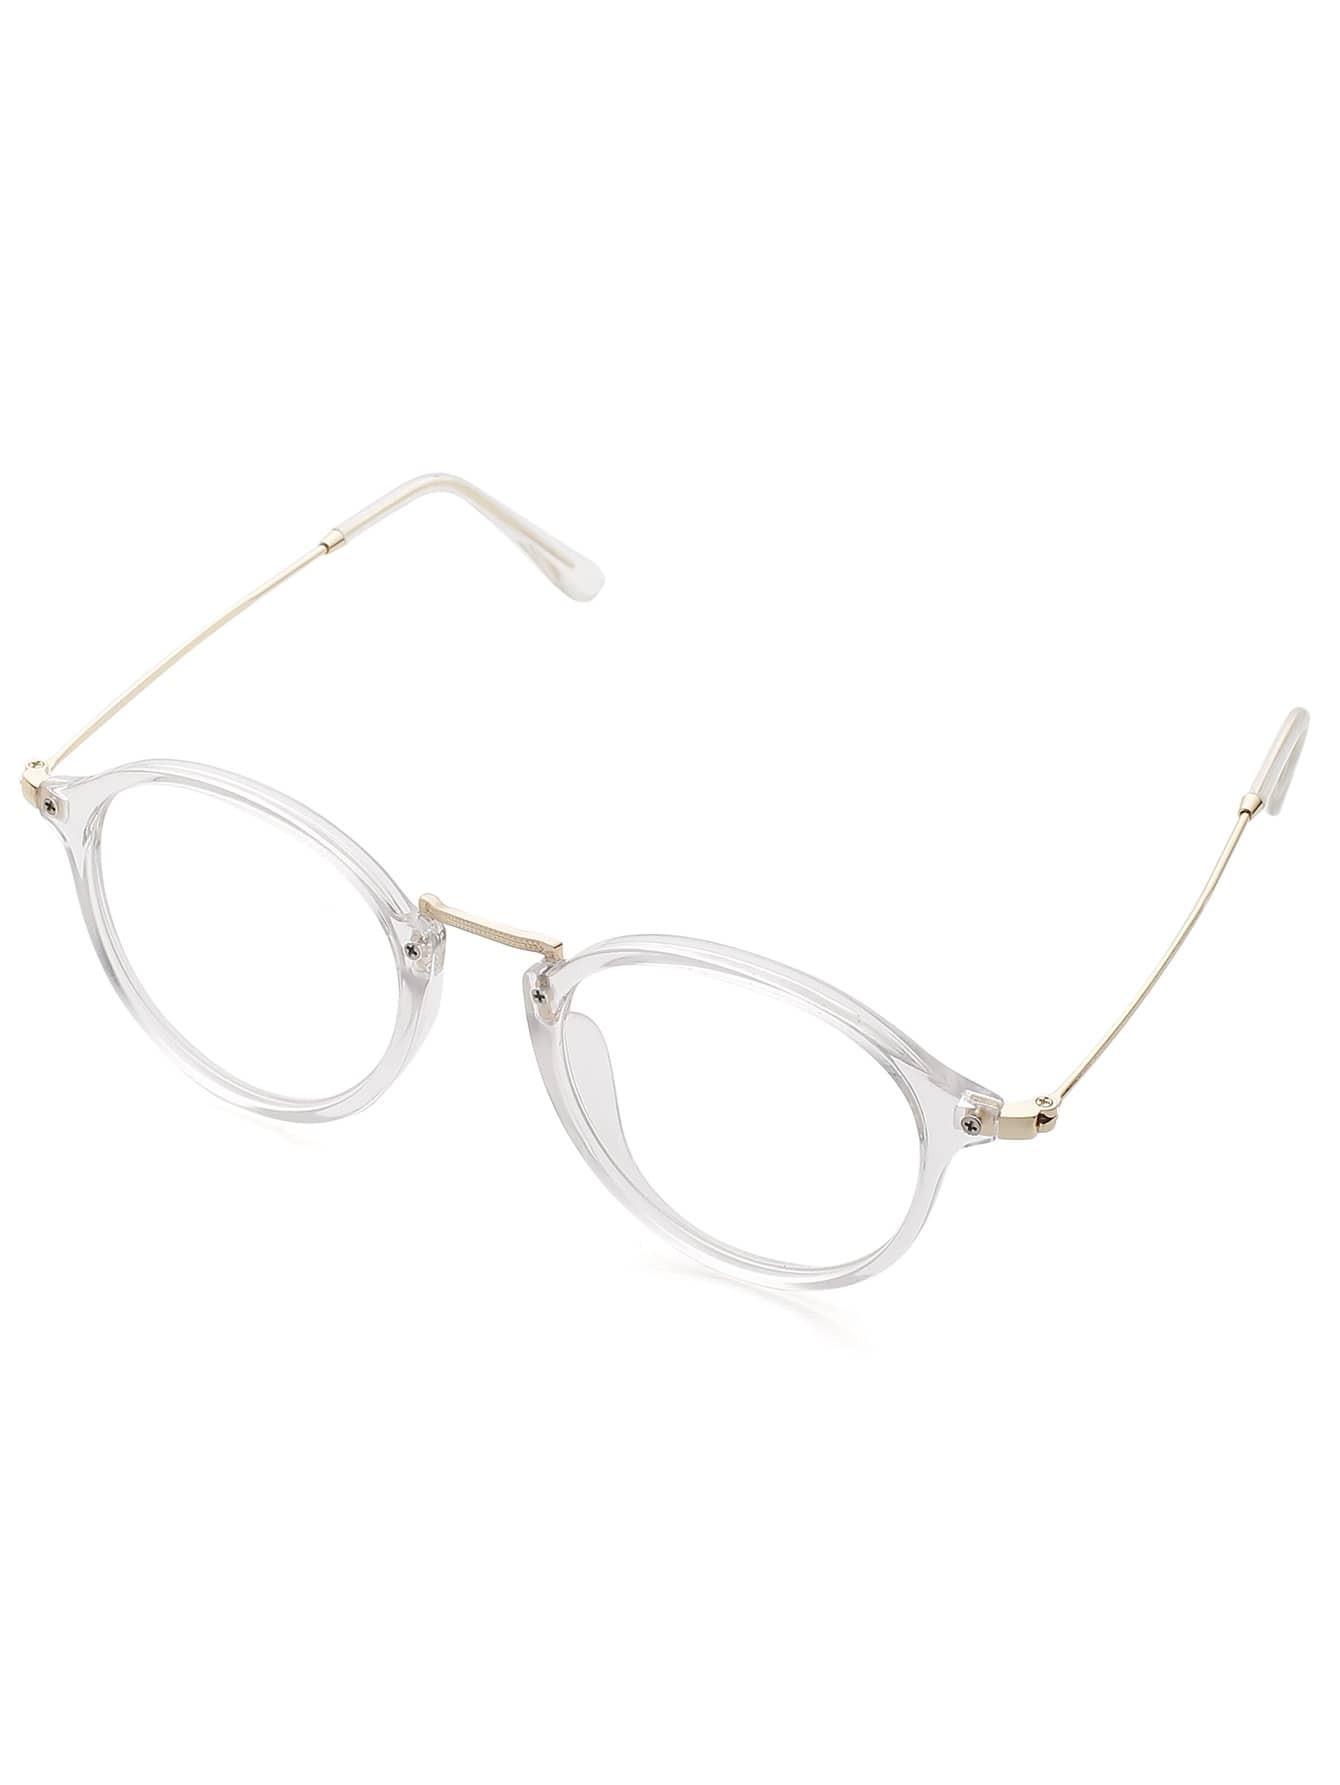 Best Metal Frame Glasses : Transparent Frame Metal Top Bar Glasses -SheIn(Sheinside)